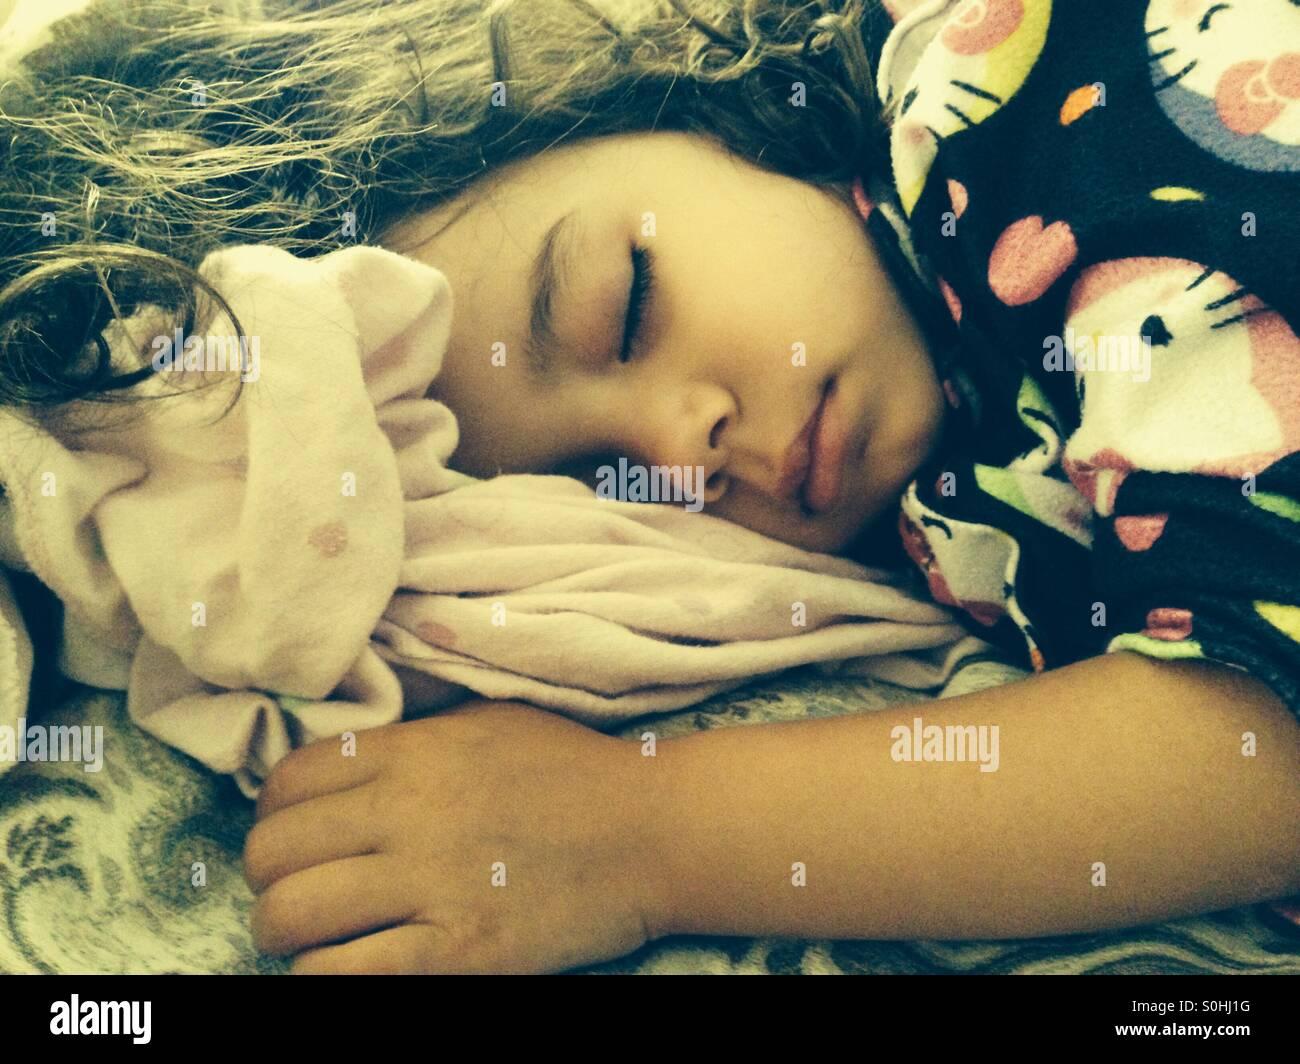 Sweet slumber - Stock Image